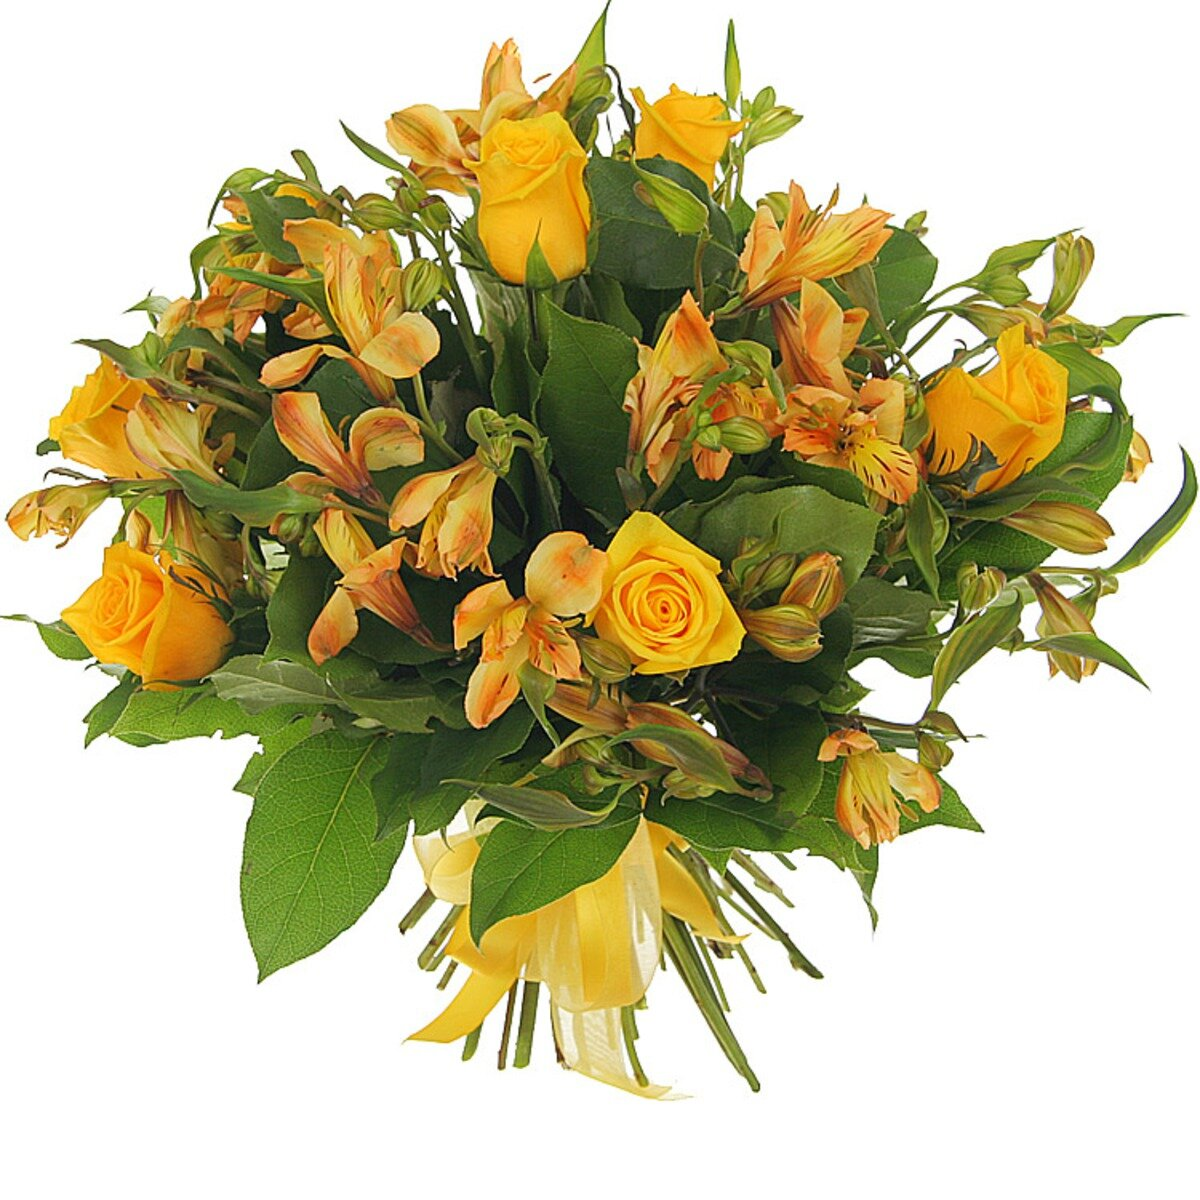 Оператор, оранжевые цветы в букетов названия с картинками